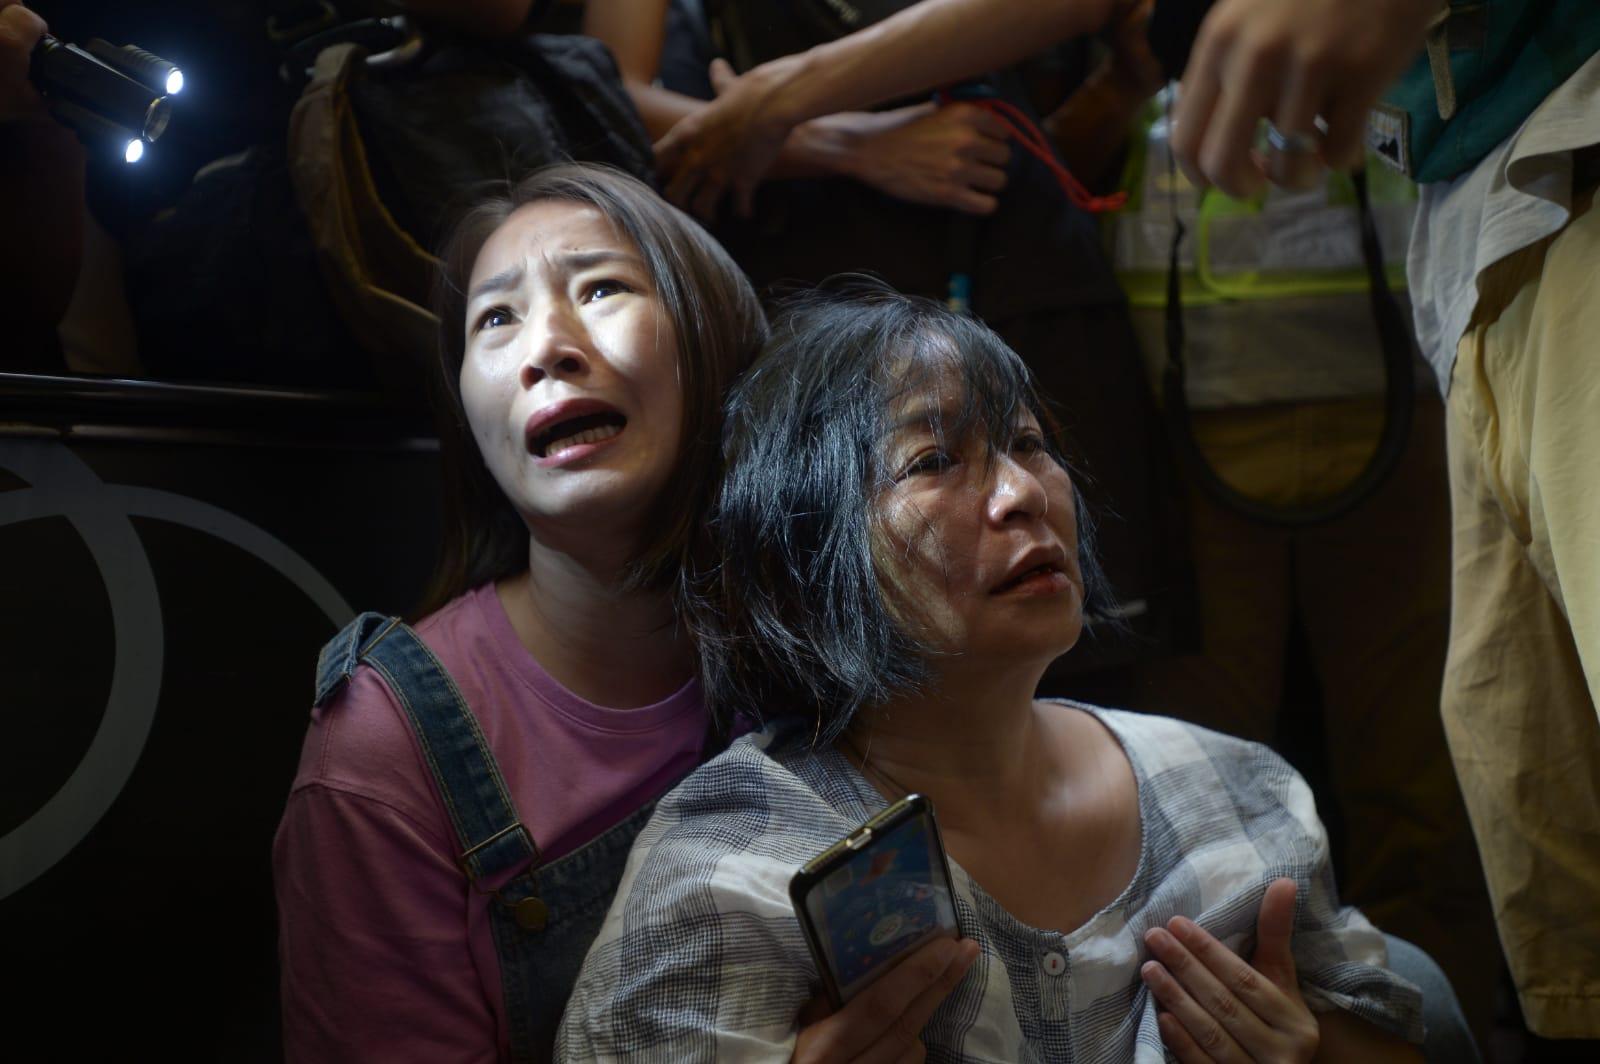 【修例风波】淘大商场两批群众殴斗 医管局指25人受伤